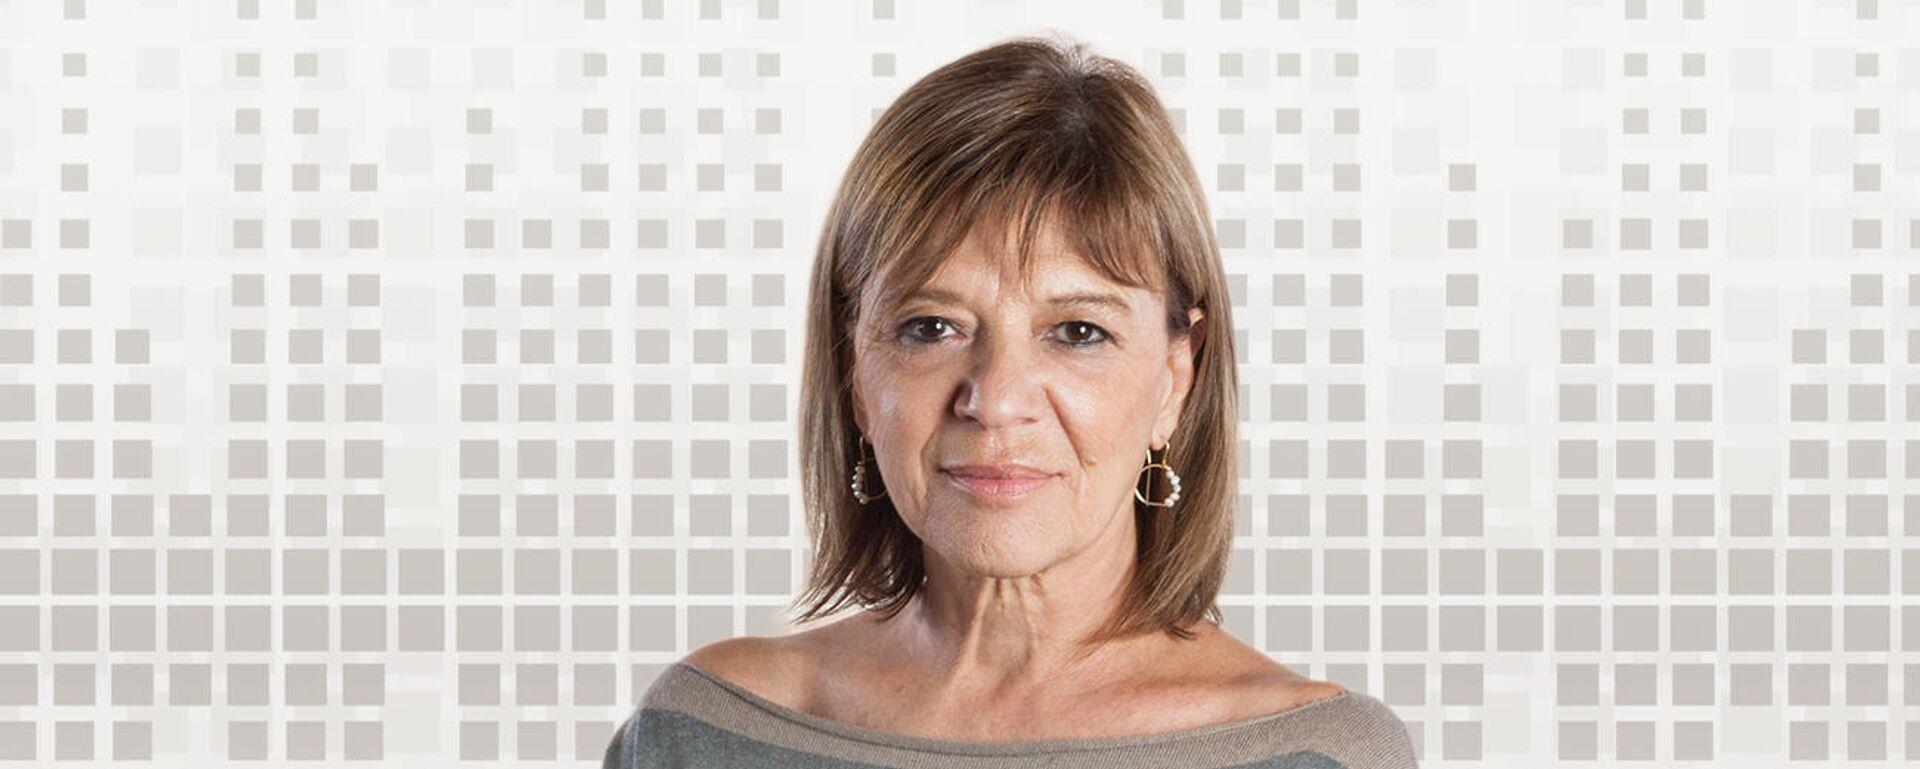 Constanza Schonhaut, la candidata a constituyente que propone un Estado  cuidador para Chile - Sputnik Mundo, 1920, 25.02.2021